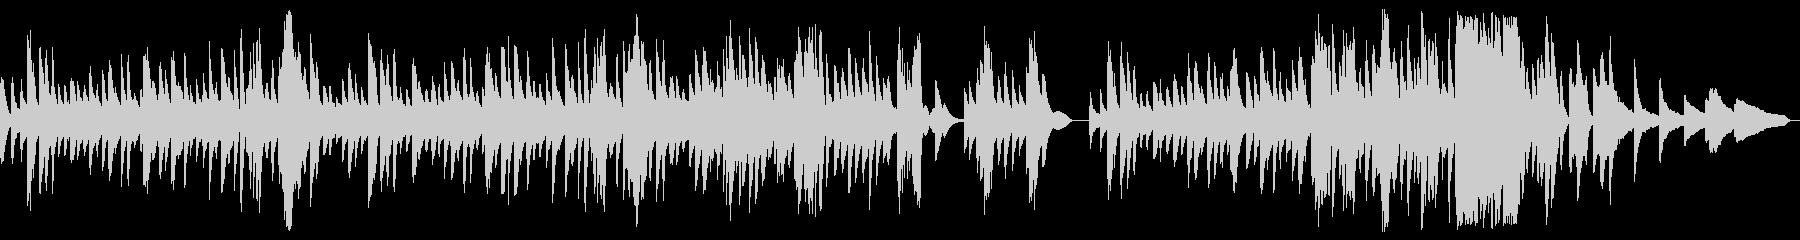 穏やかなピアノワルツの未再生の波形